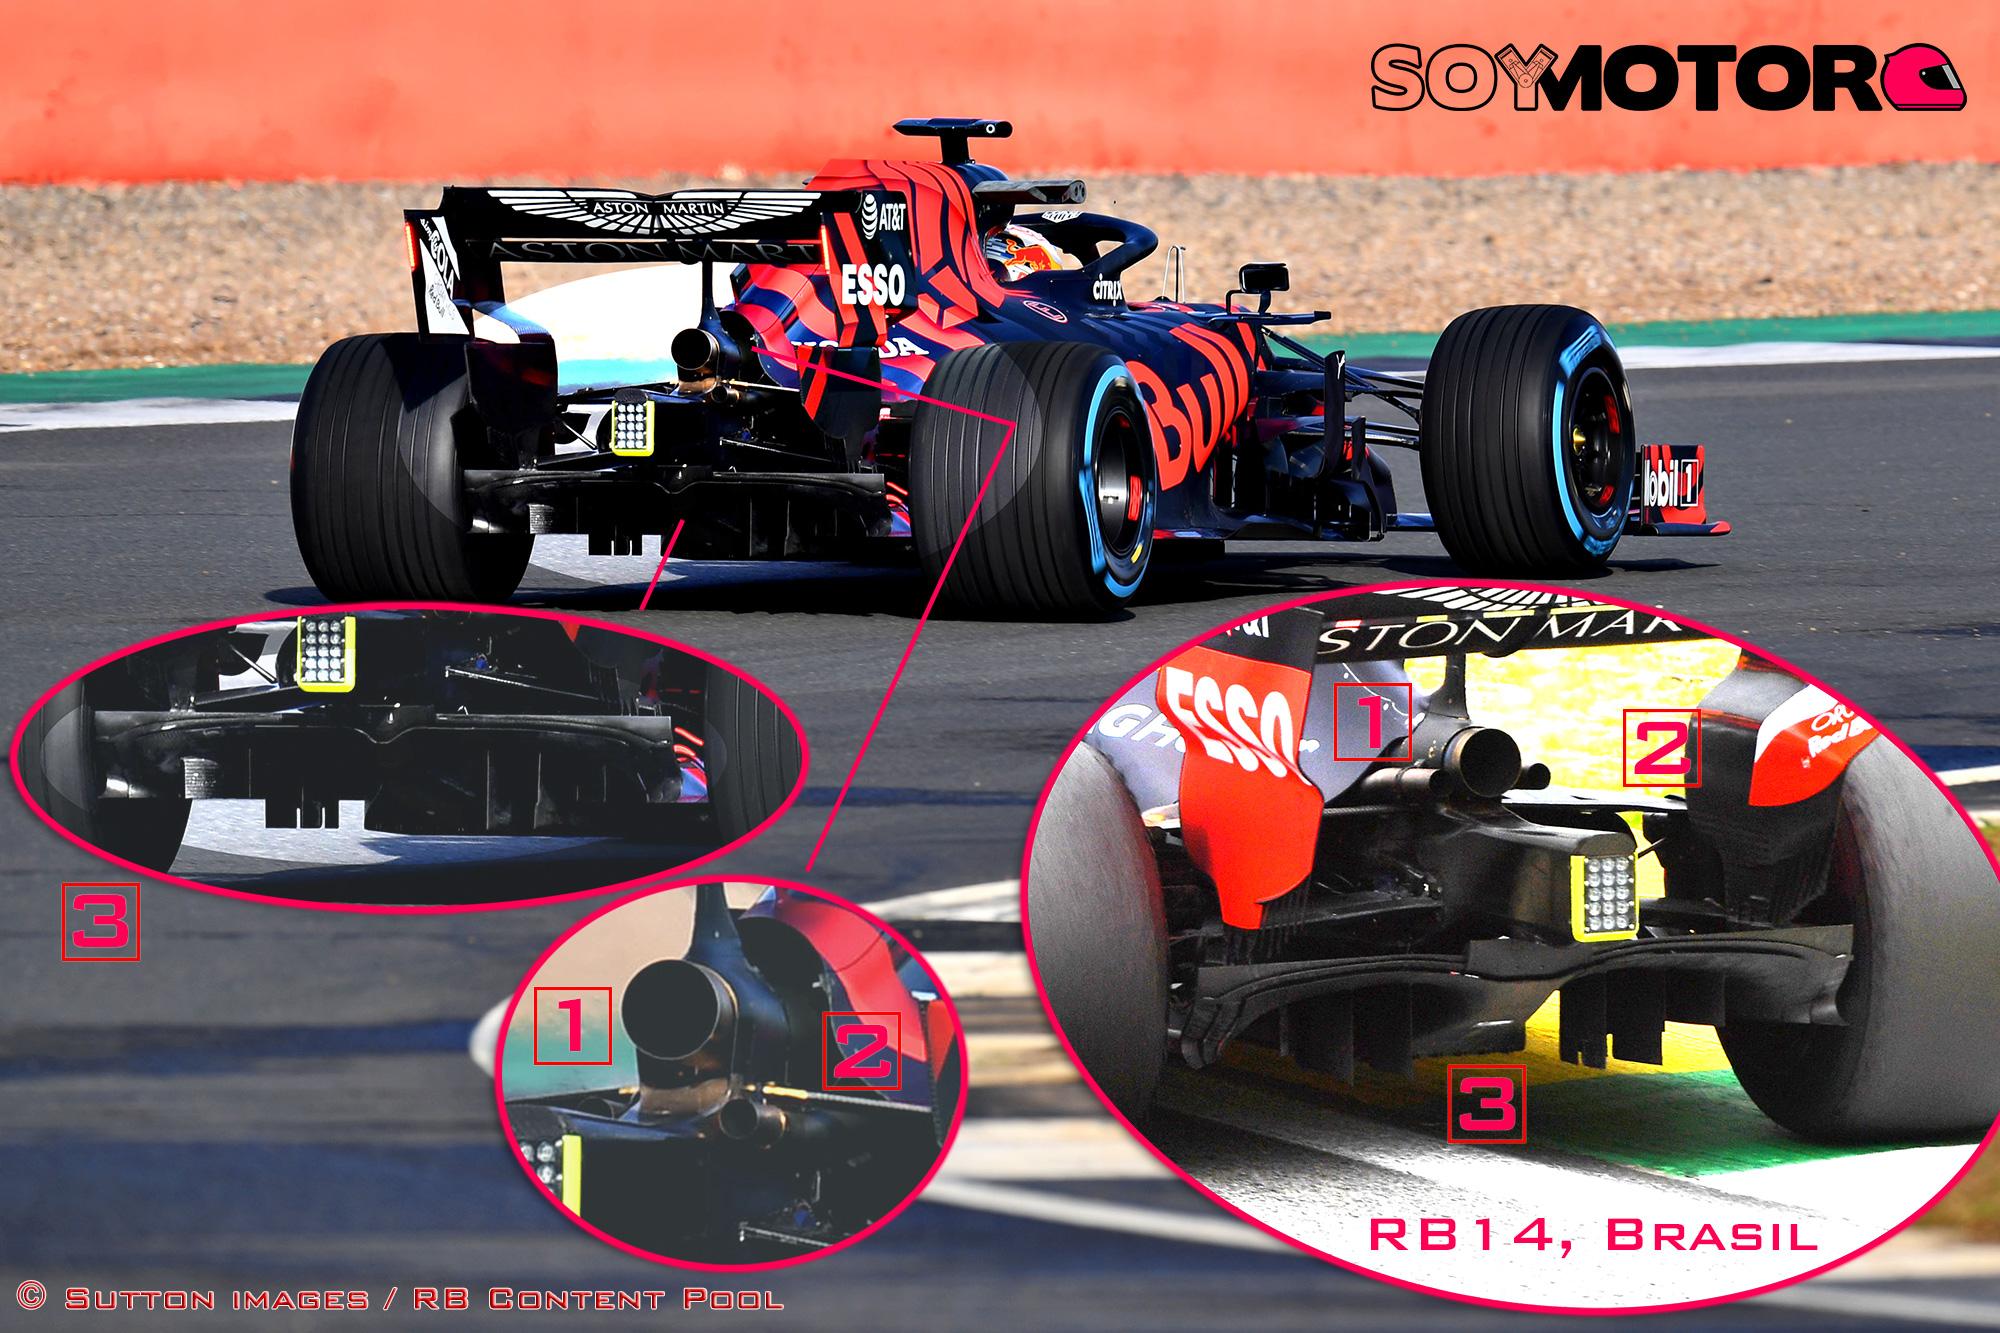 red-bull-trasera-difusor-soymotor.jpg